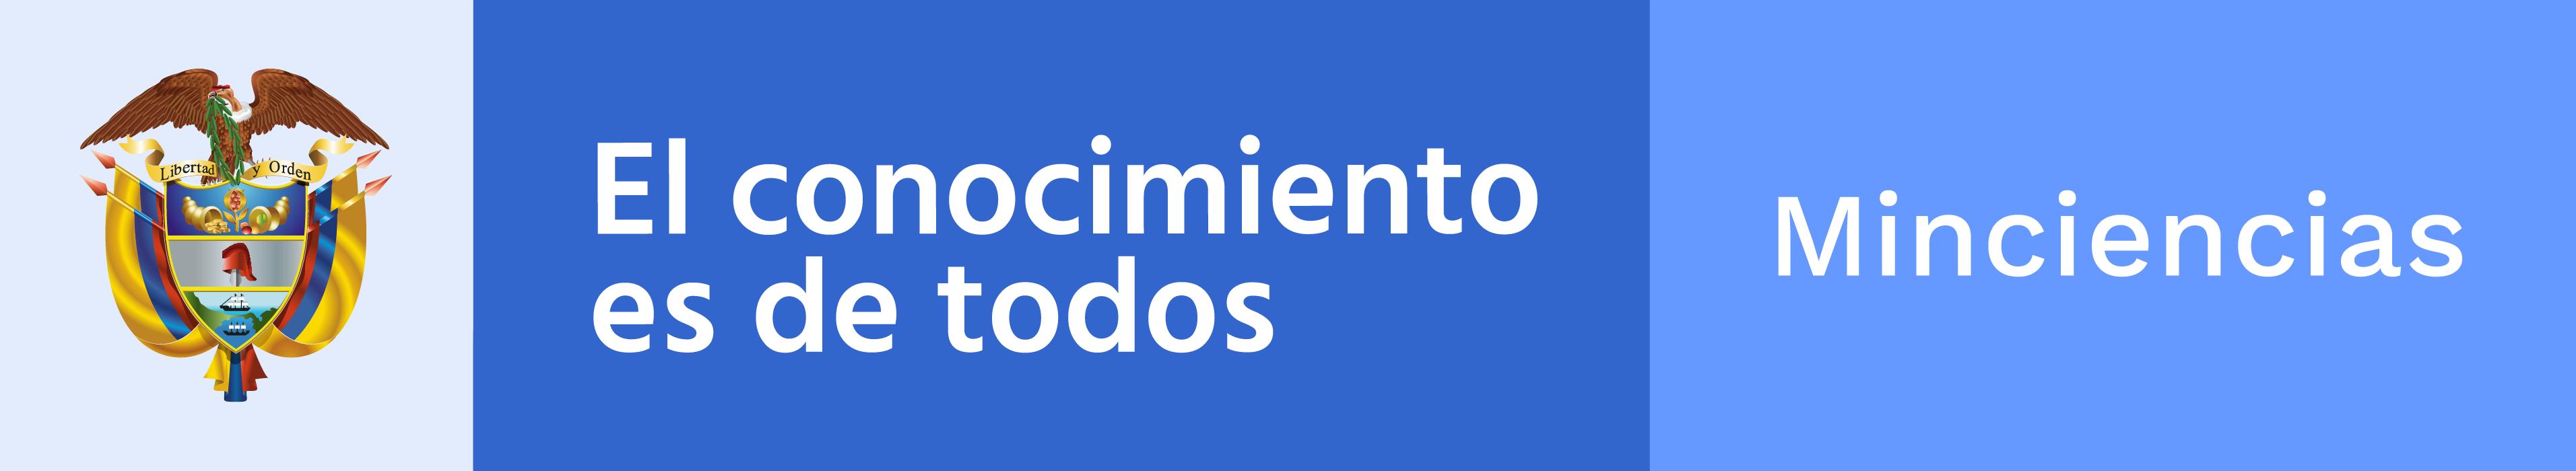 logoMINCIENCIAS(1)-01